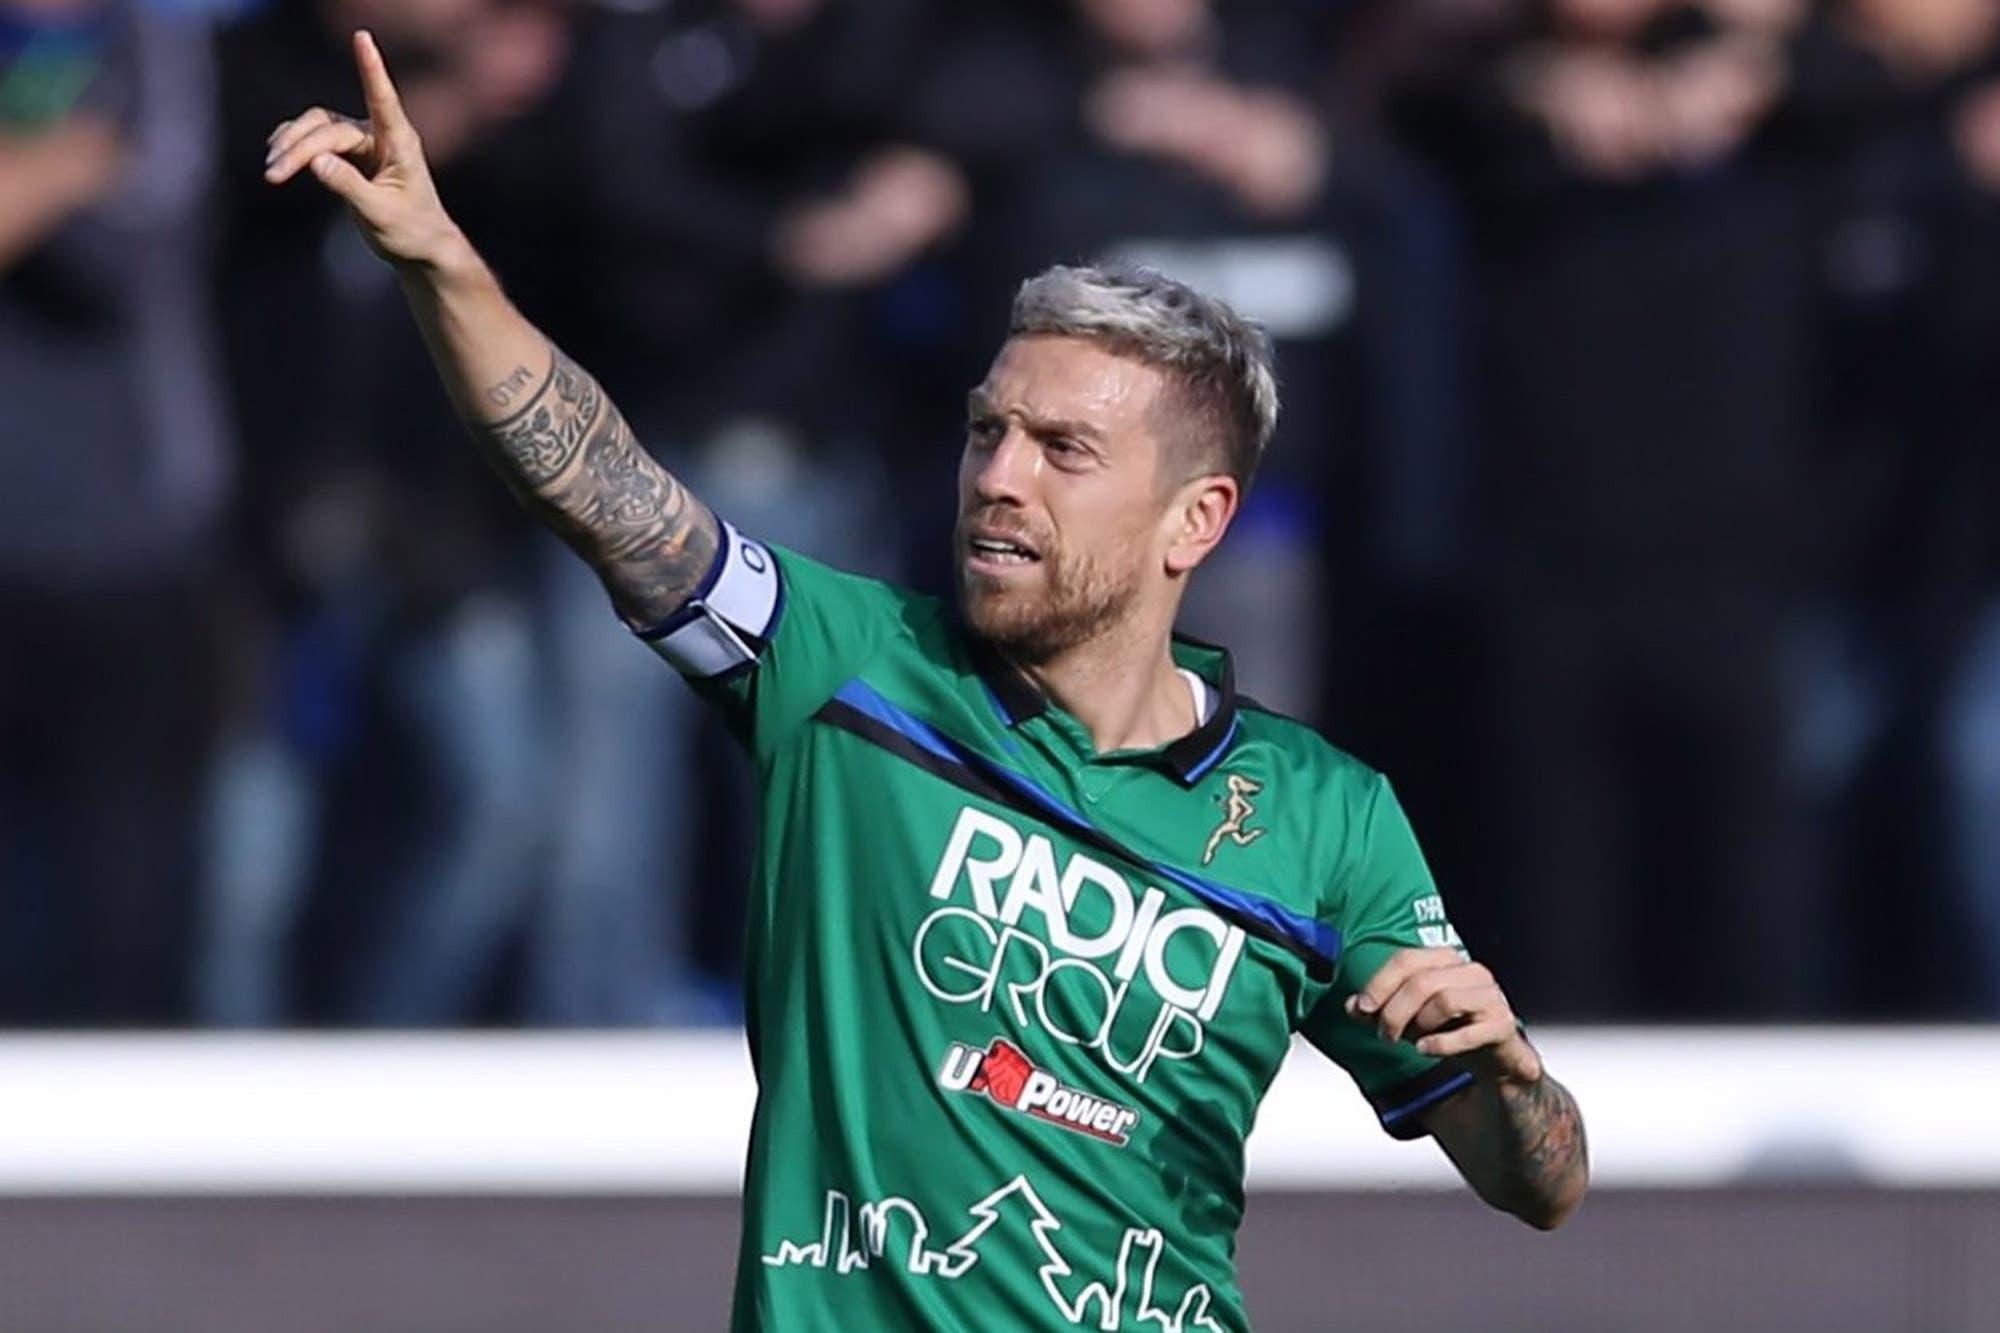 Histórica goleada de Atalanta sobre Milan: 5 a 0, con uno del Papu Gómez